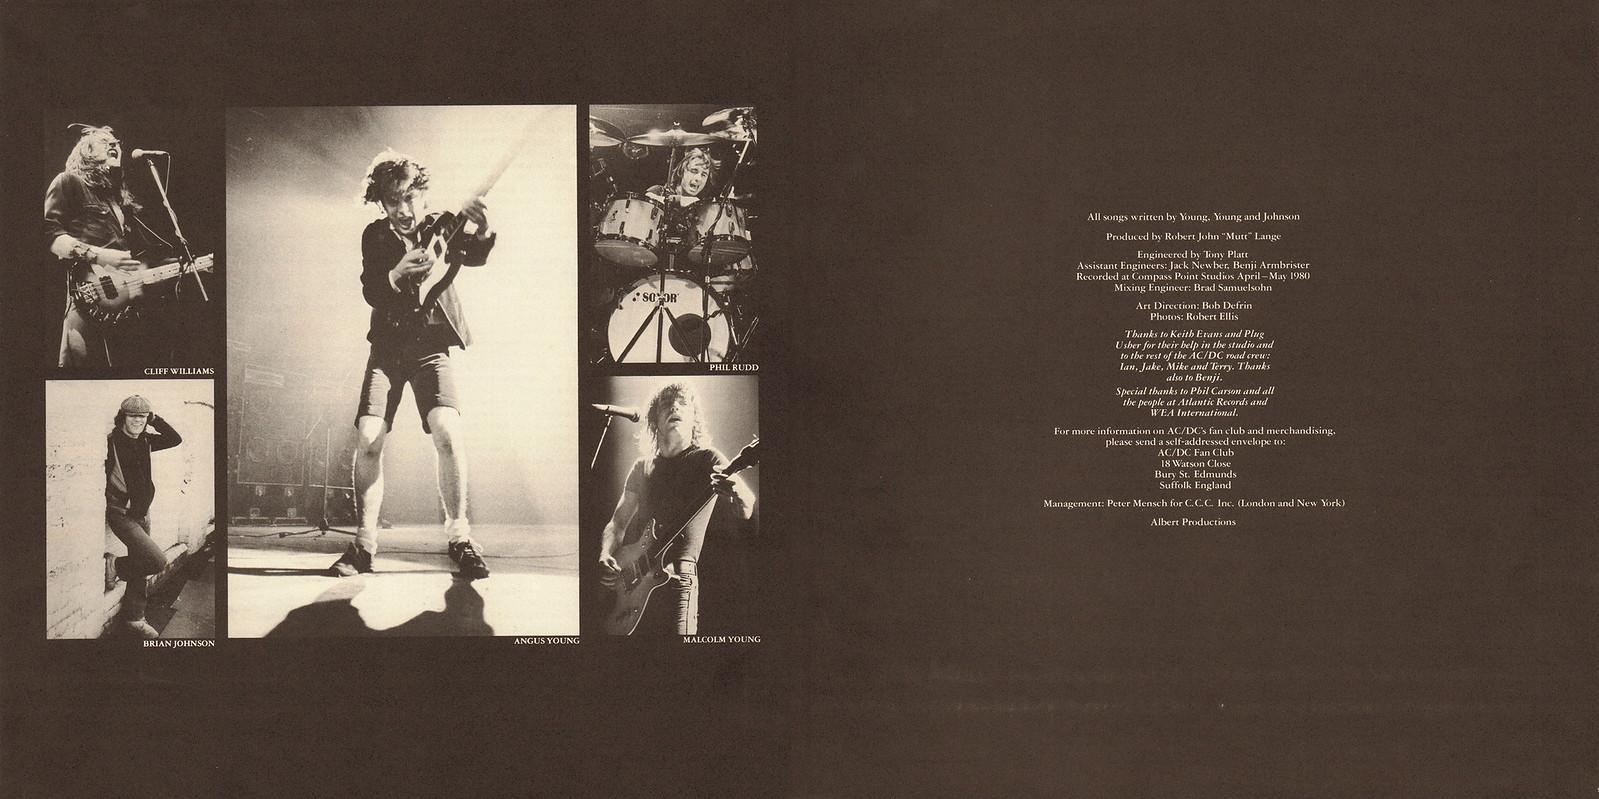 AC DC – Back In Black